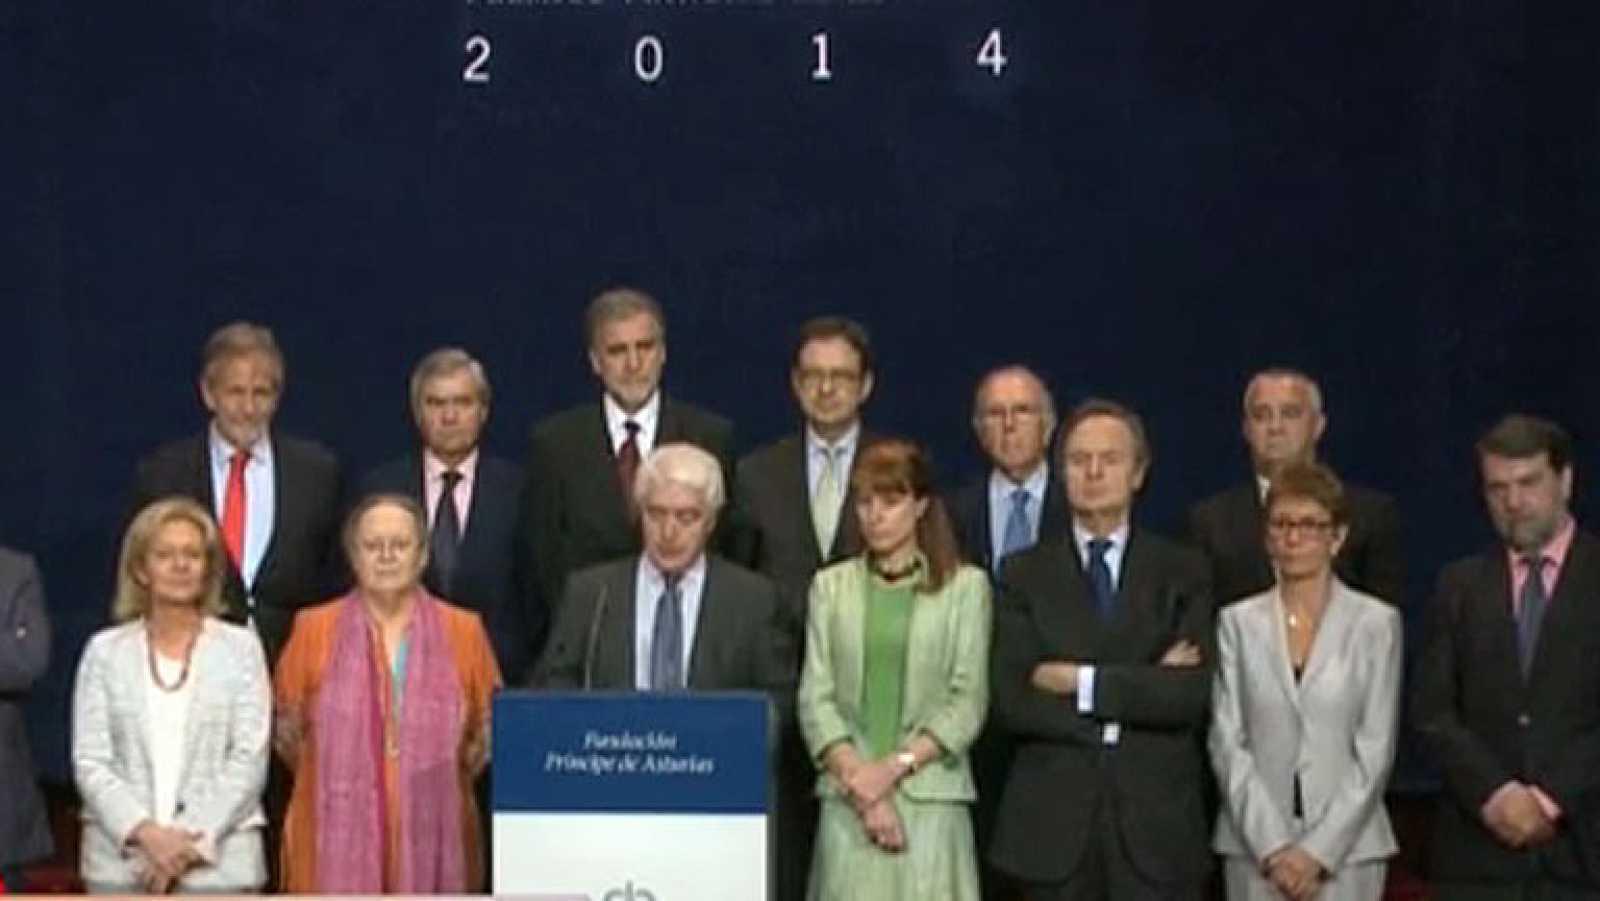 Las becas Fulbright, Premio Píncipe de Asturias de Cooperación 2014